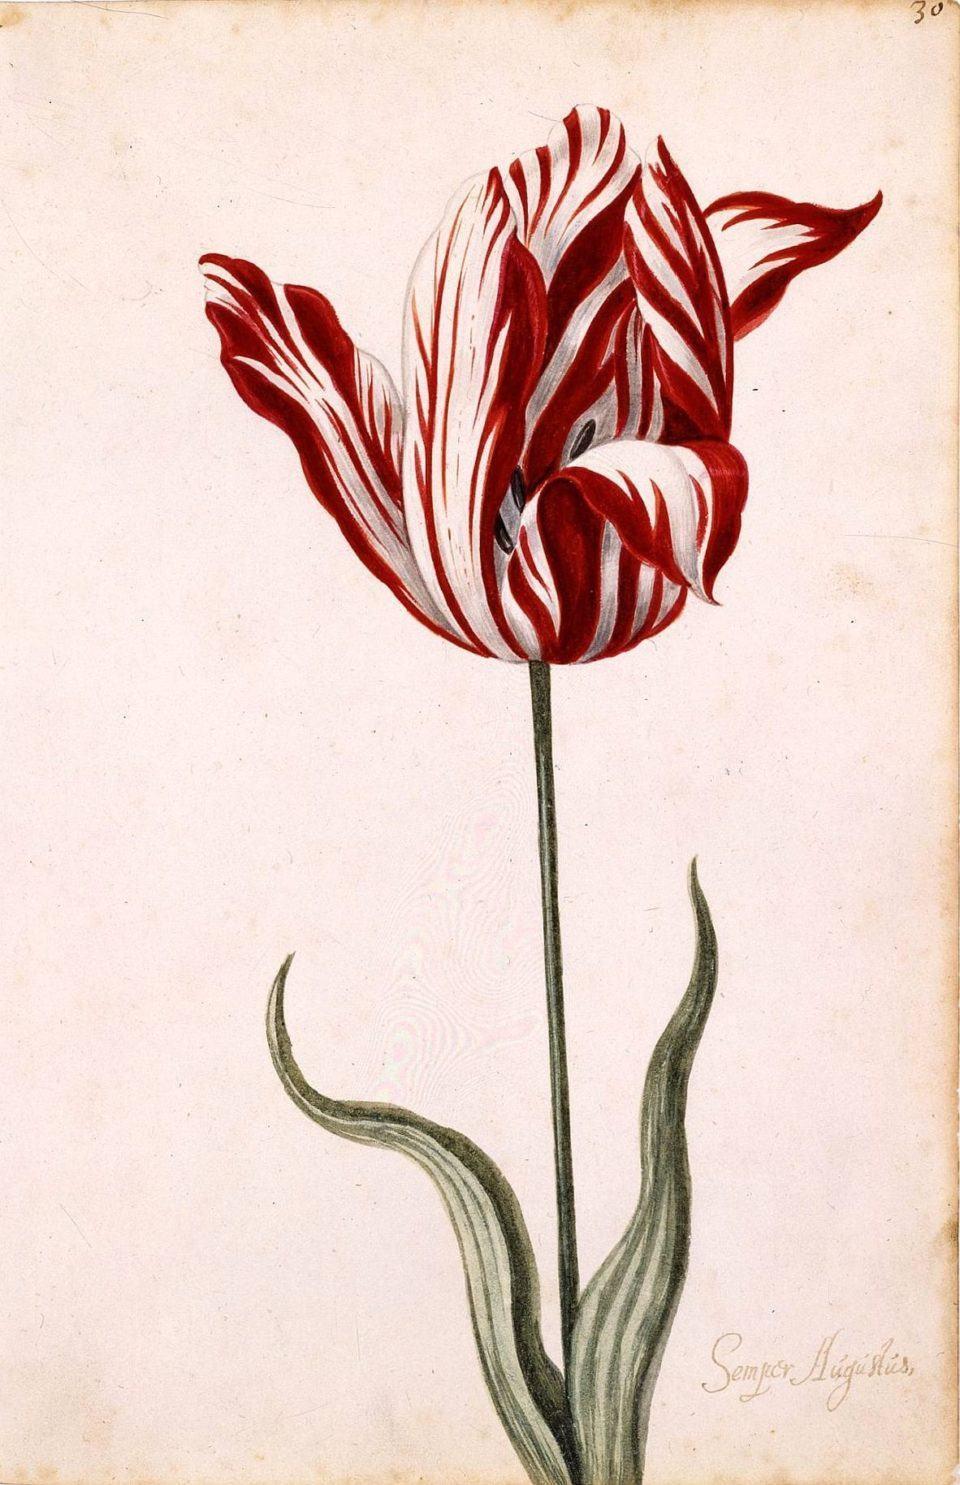 Pintura de uma tulipa Semper Augustus.